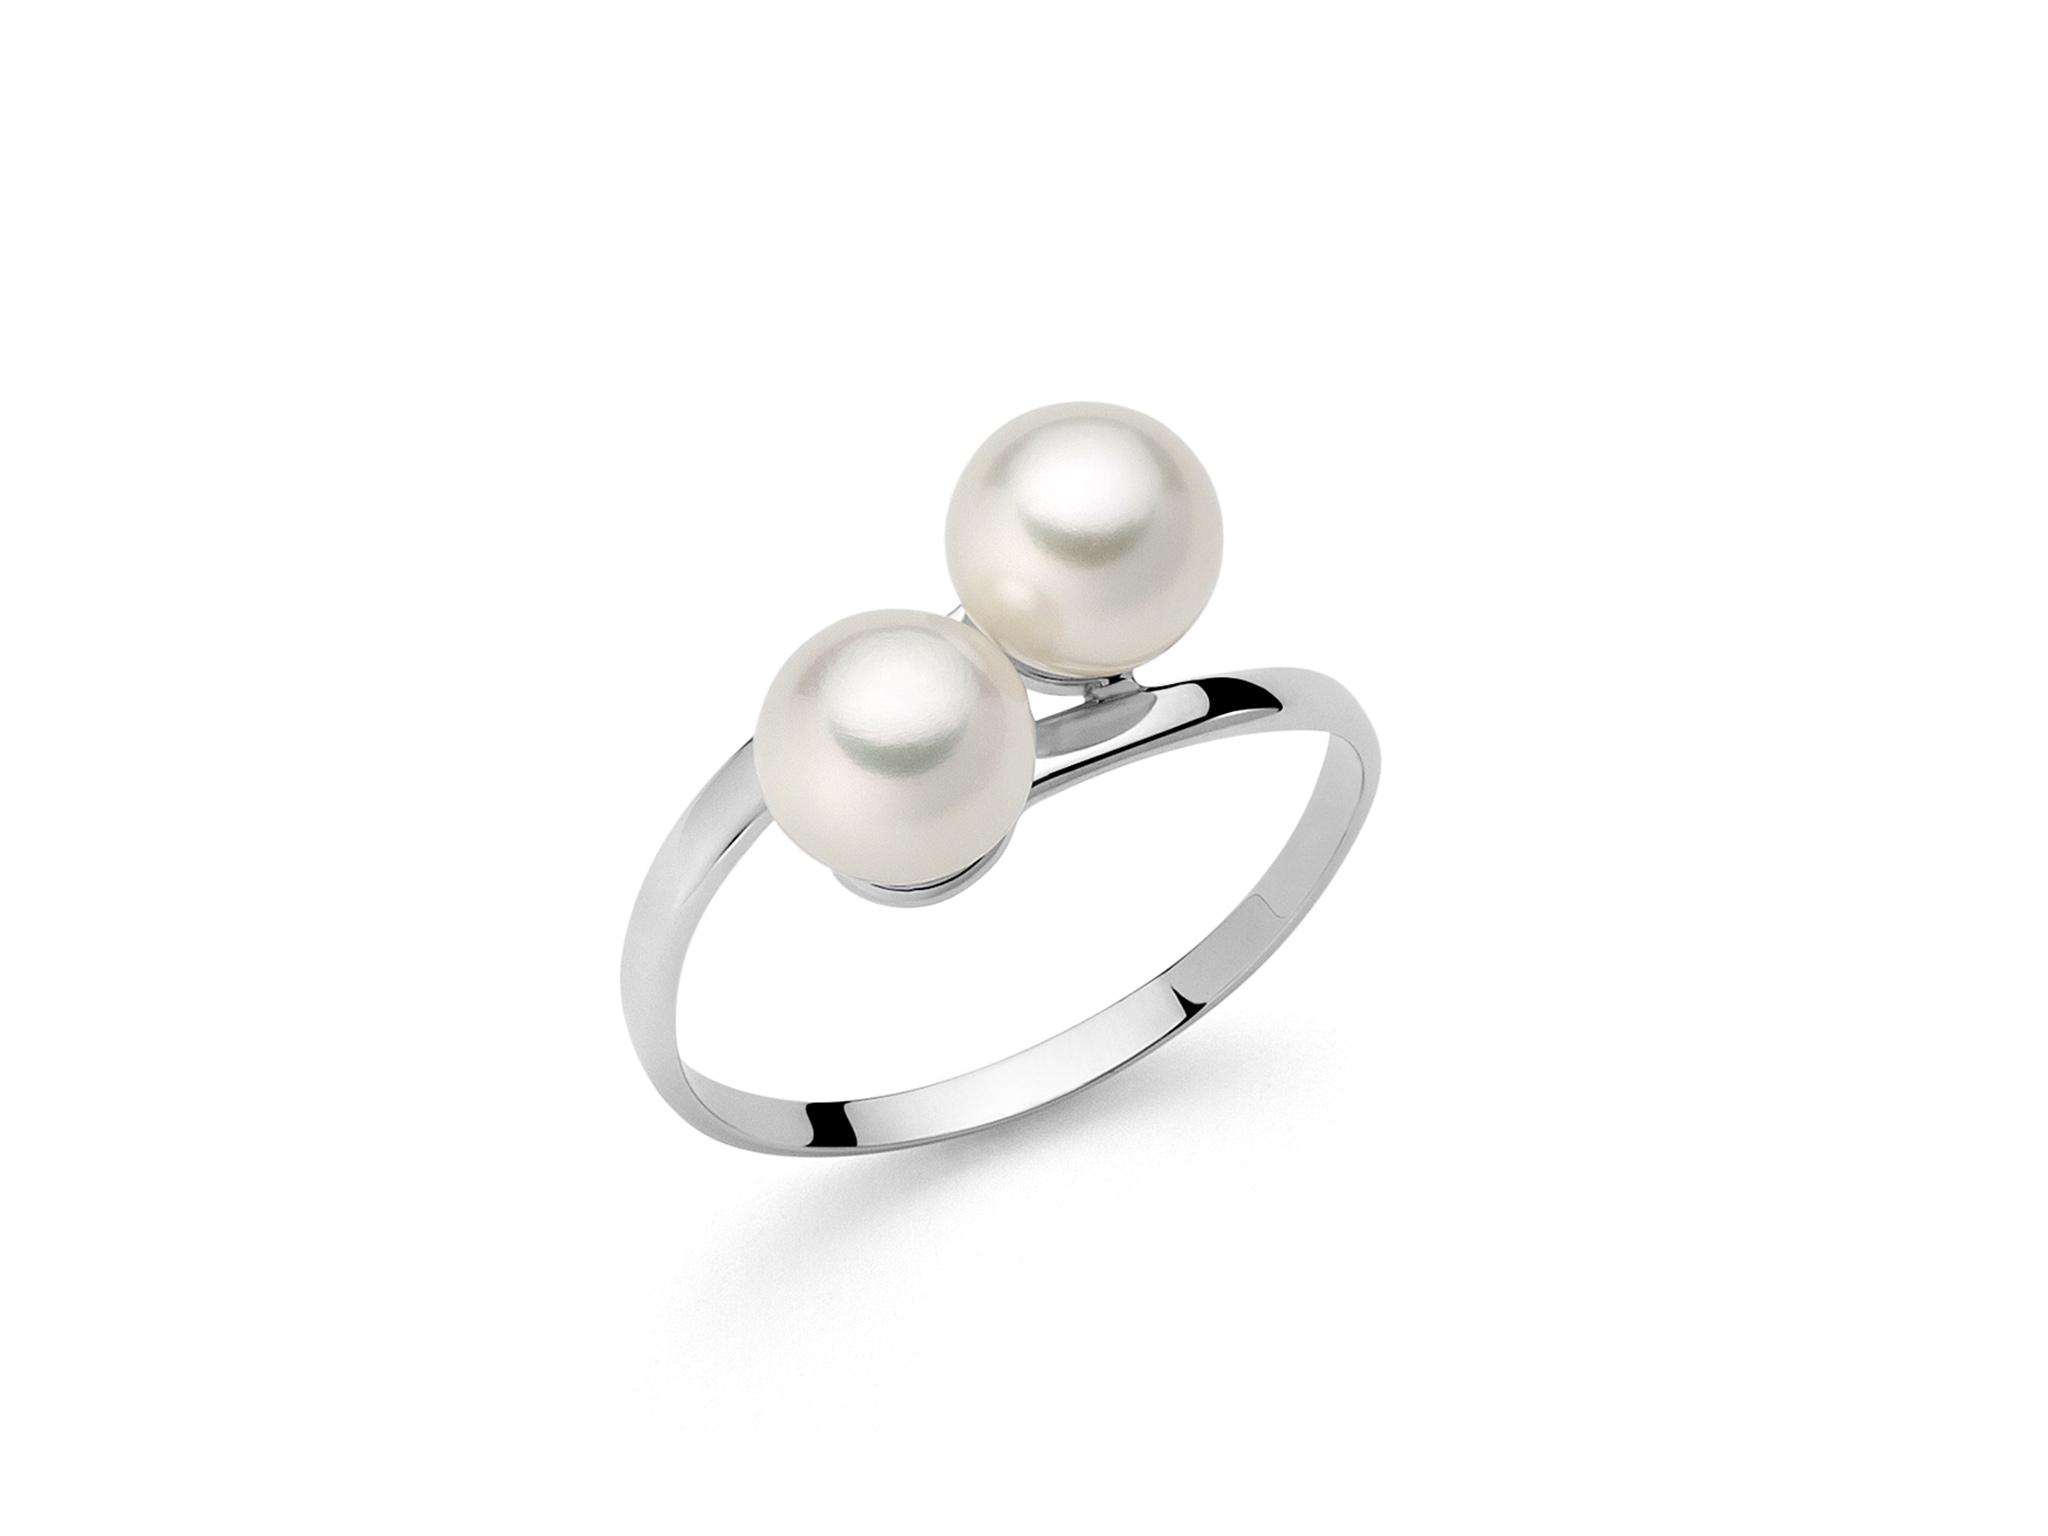 Anello in oro, con perle bianche e grigie - PLI947